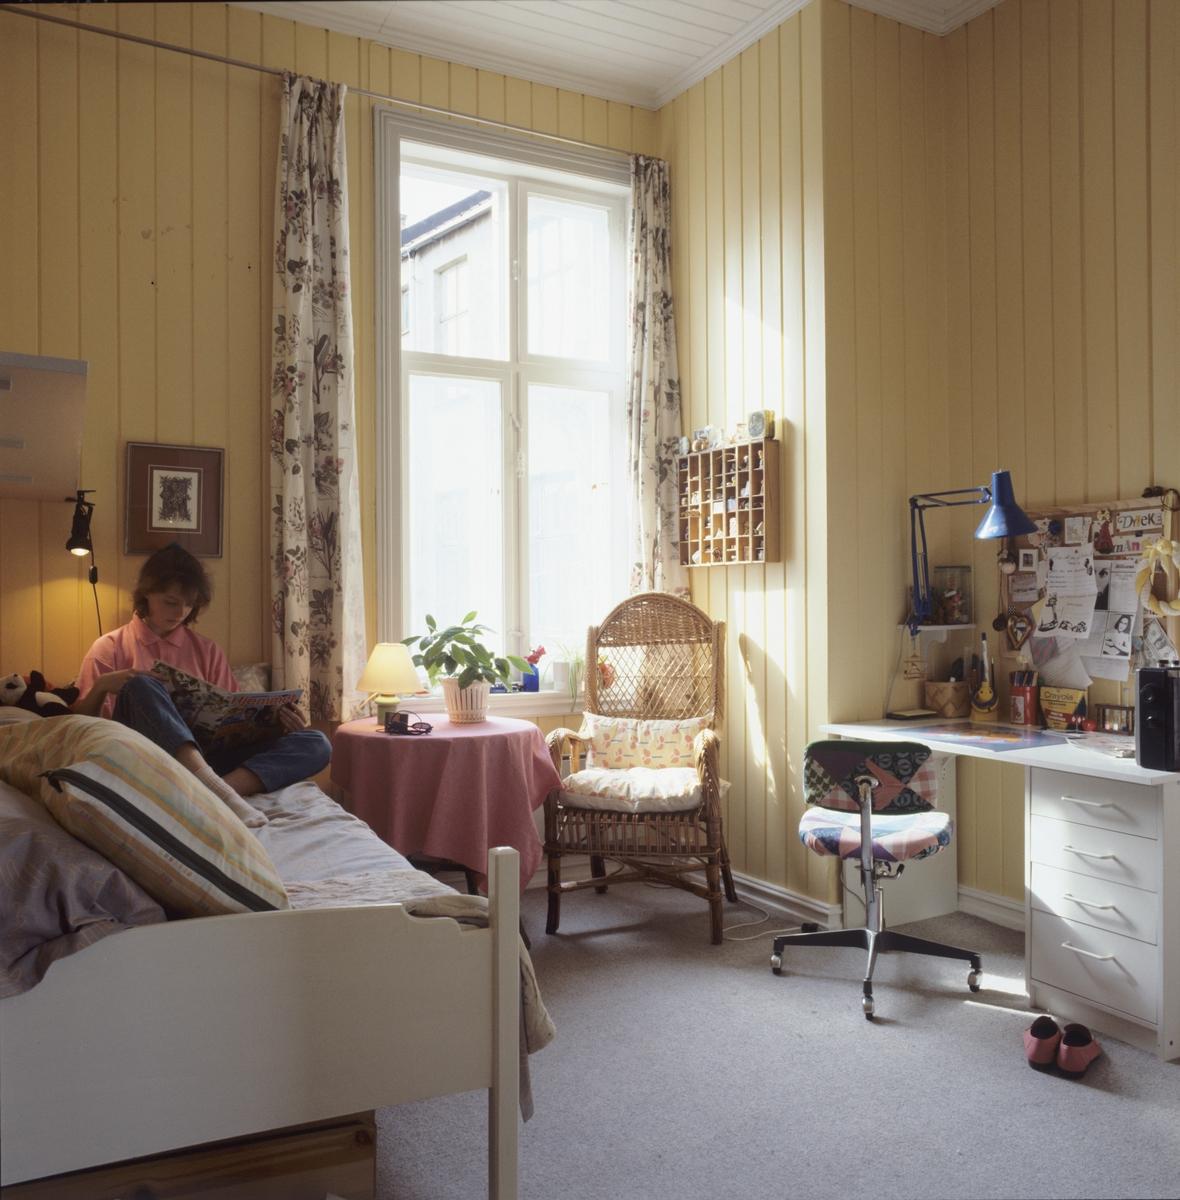 Tenåringsrom med seng, skrivebord, bord og stoler. llustrasjonsbilde fra Bonytt 1986.